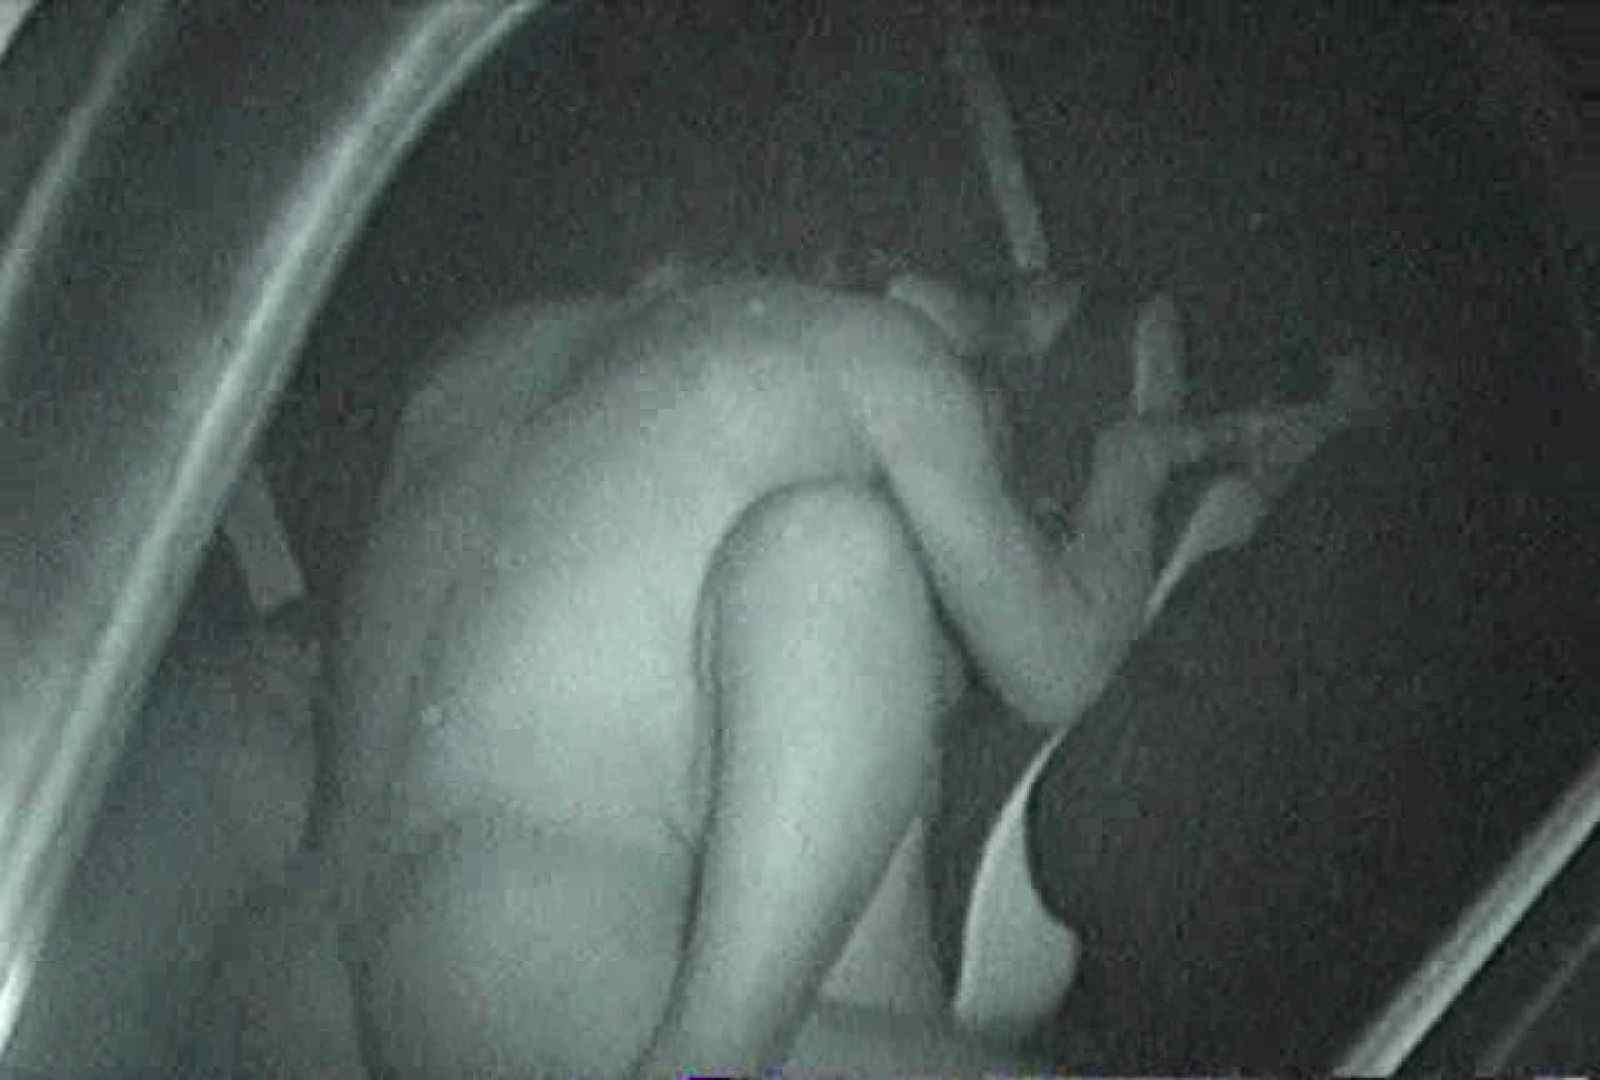 充血監督の深夜の運動会Vol.62 カーセックス実態 ヌード画像 31枚